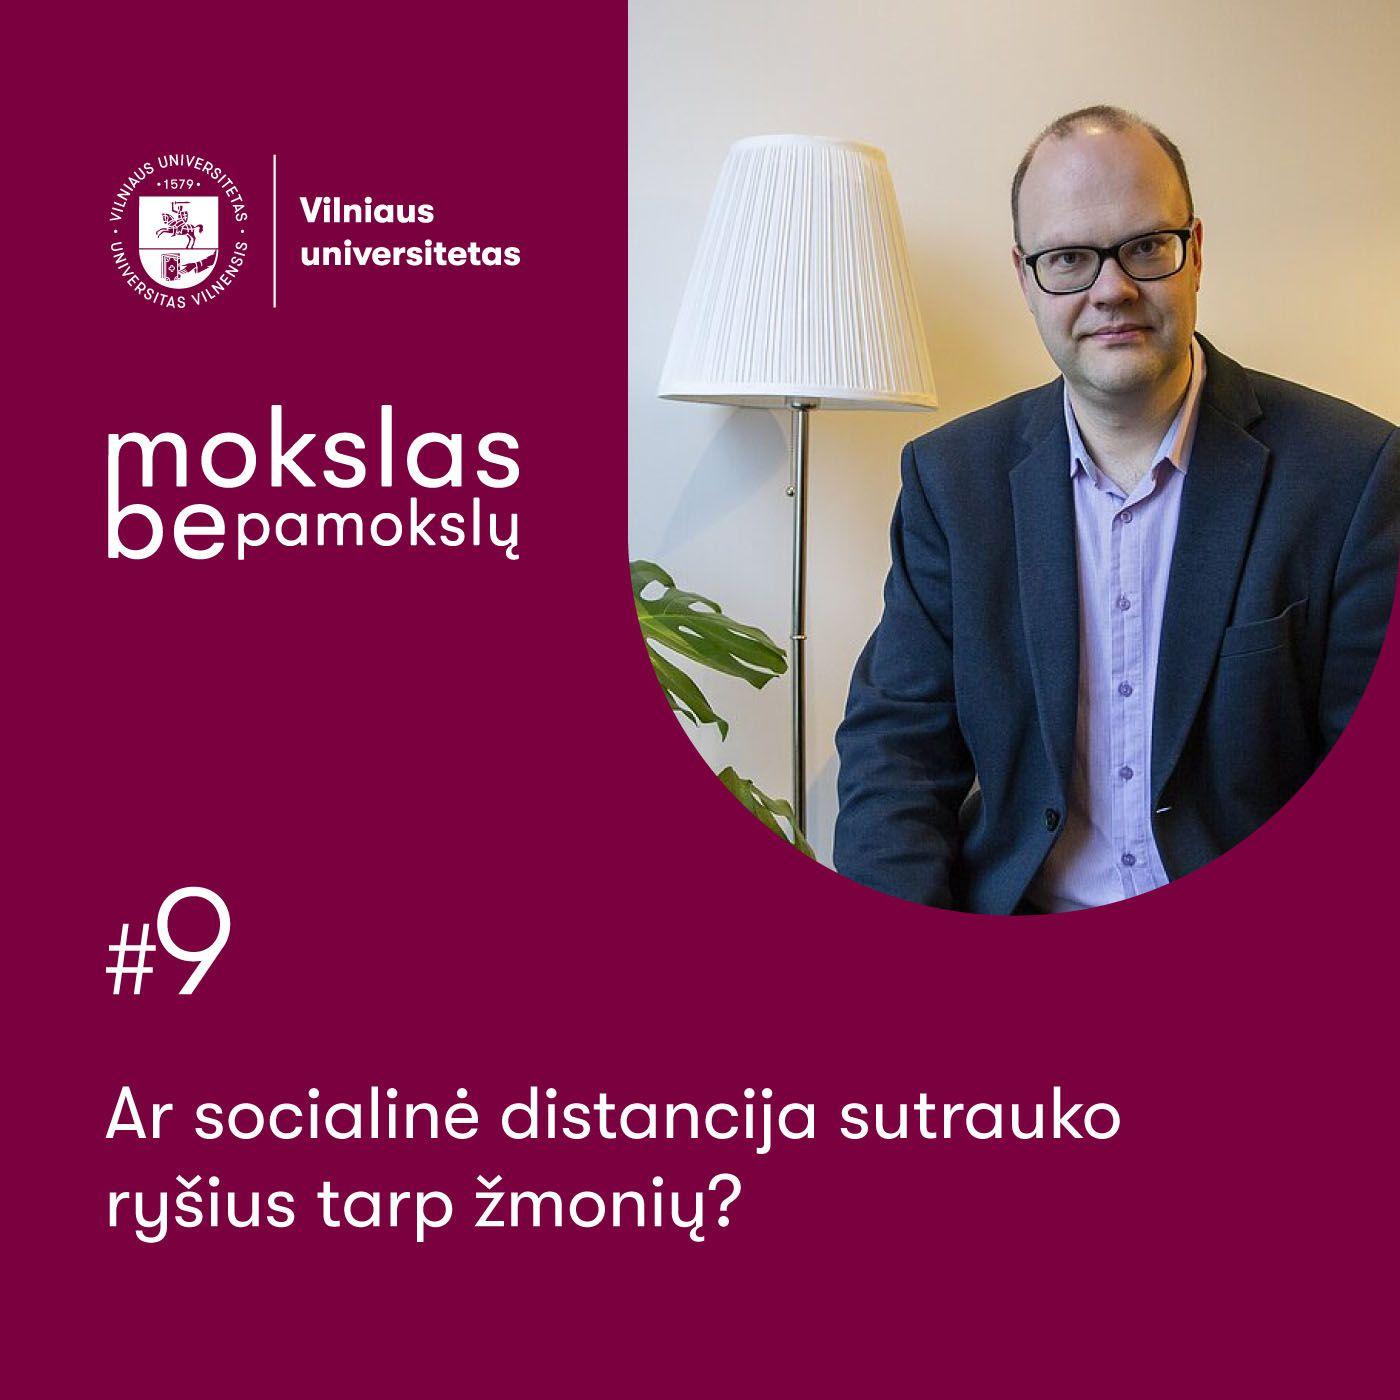 Mokslas be pamokslų. Ar socialinė distancija sutrauko ryšius tarp žmonių?